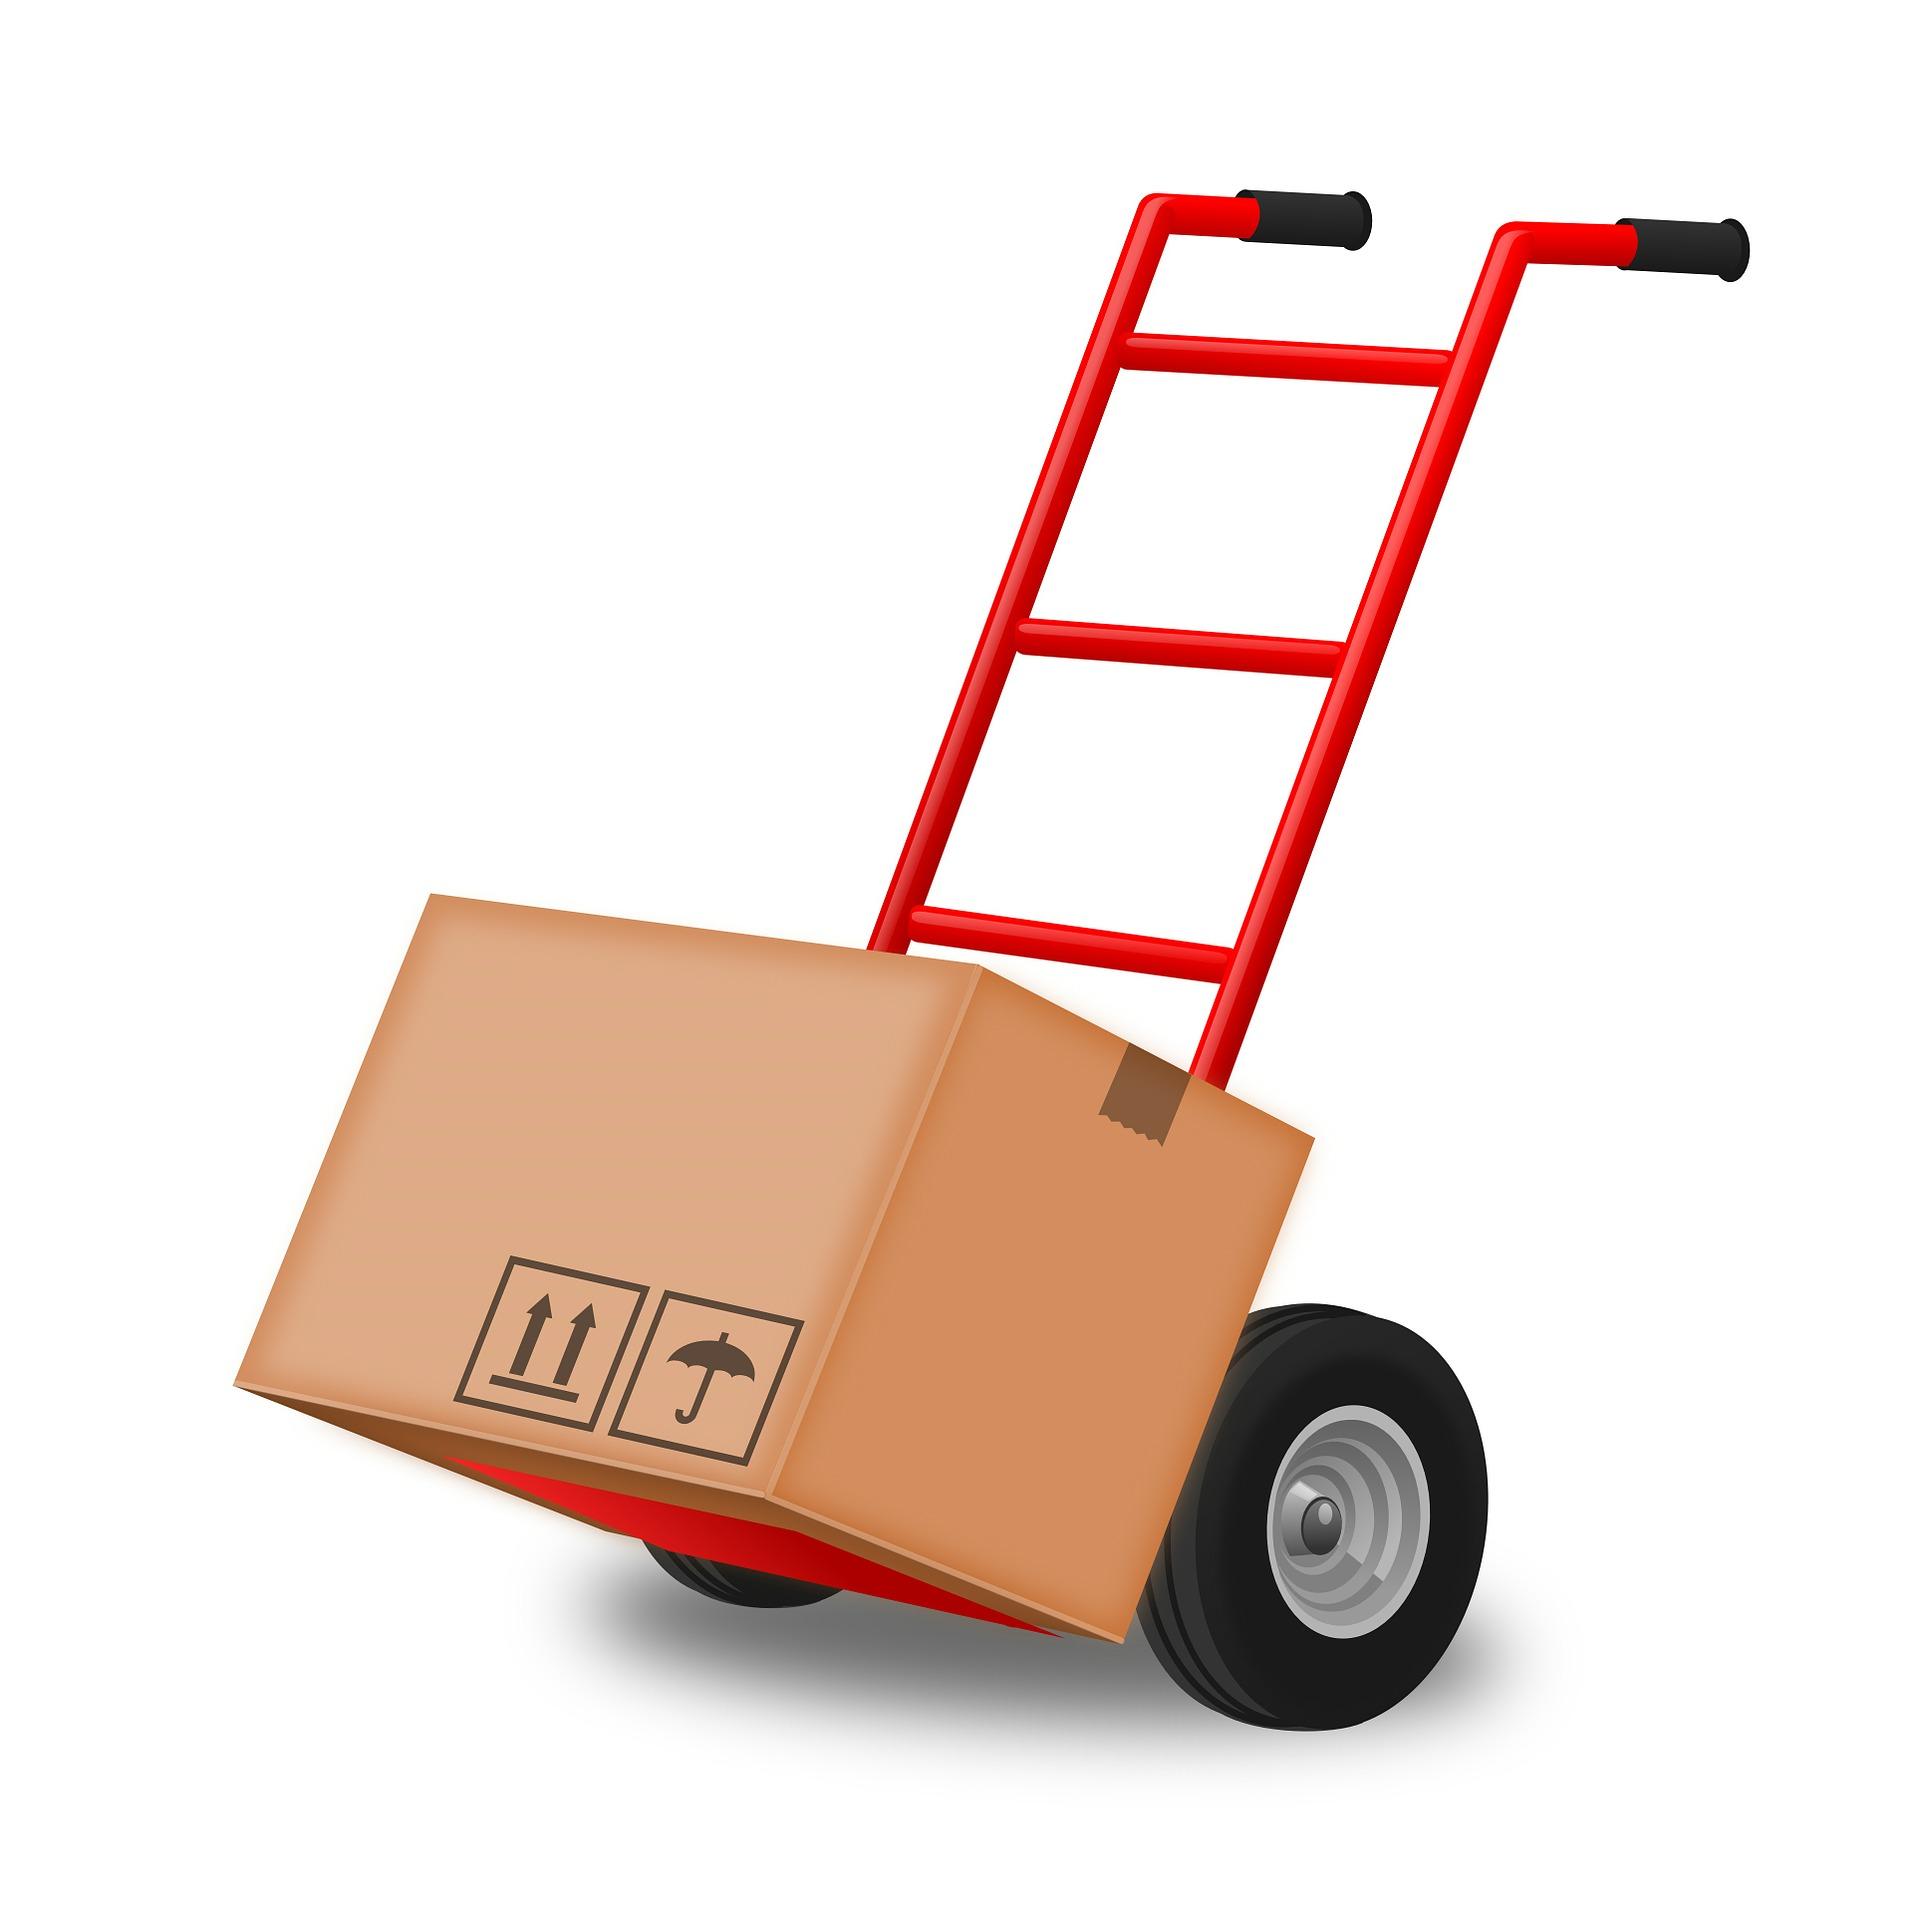 Flyt hurtigere og lettere med sækkevogne til trapper